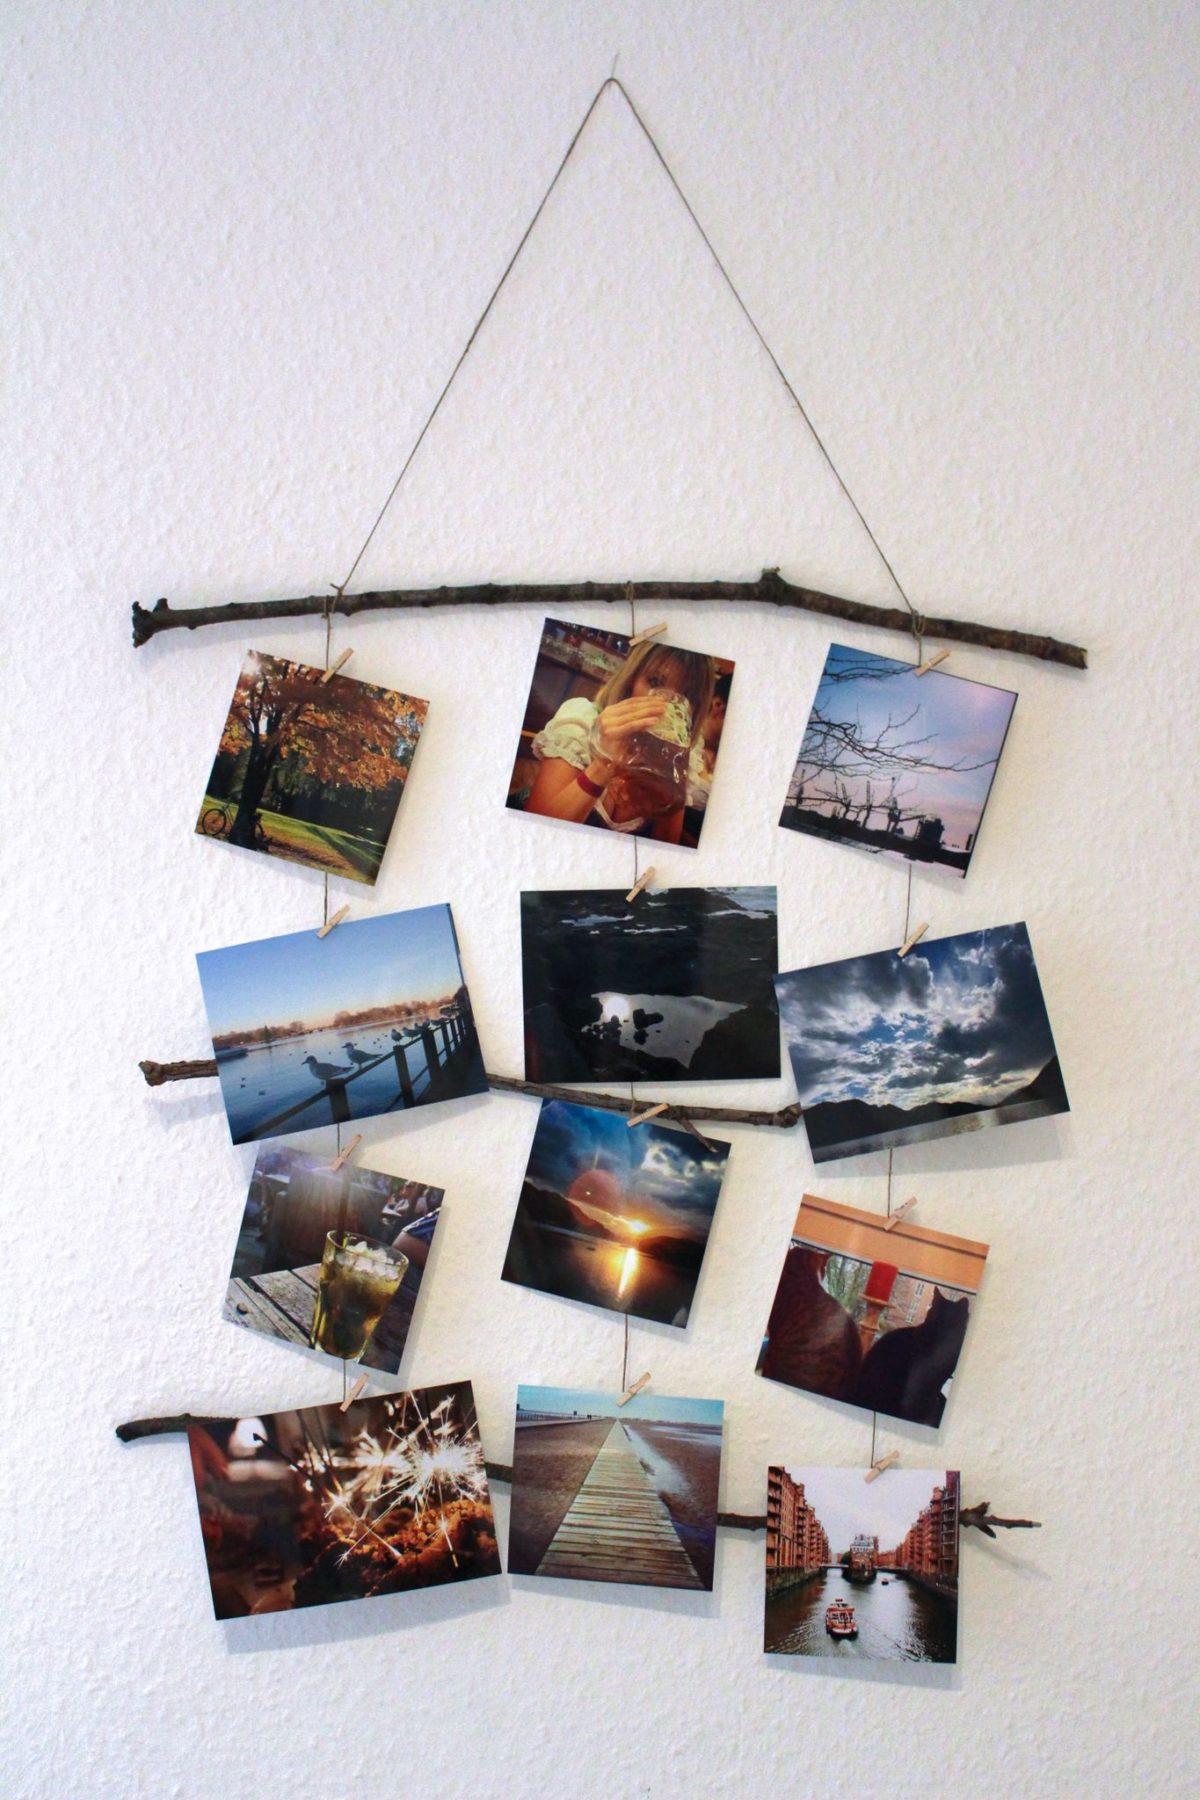 Wanddekoration aus Ästen und Fotos